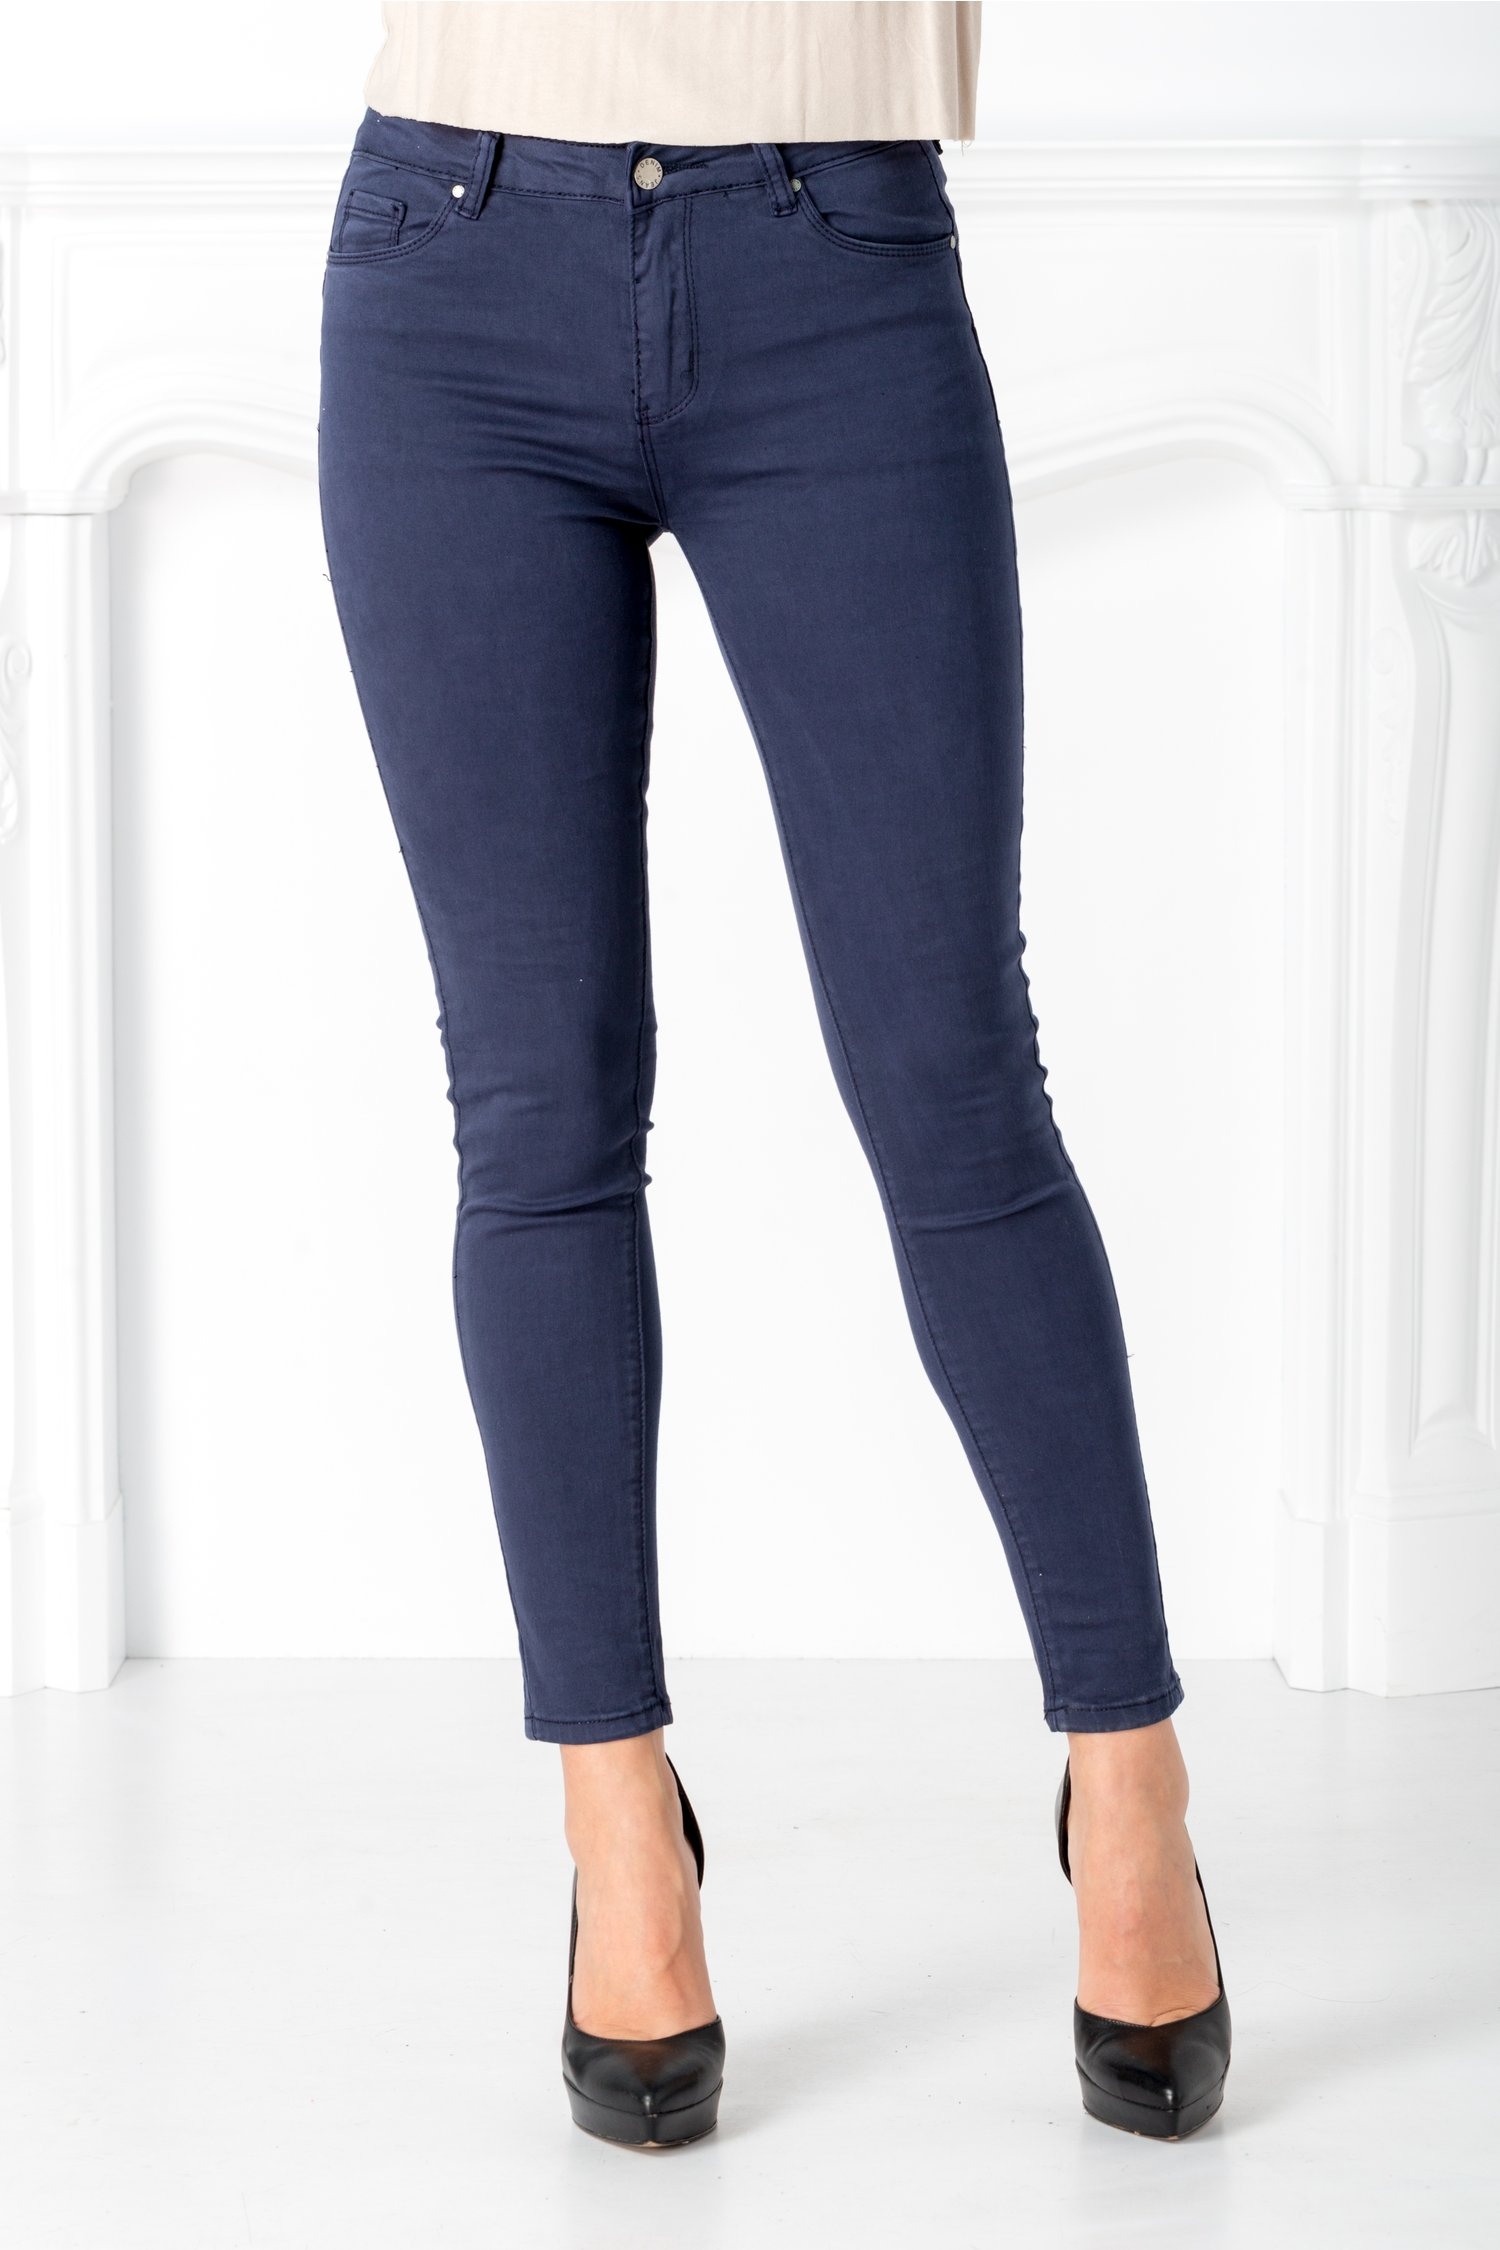 Pantaloni Mali bleumarin